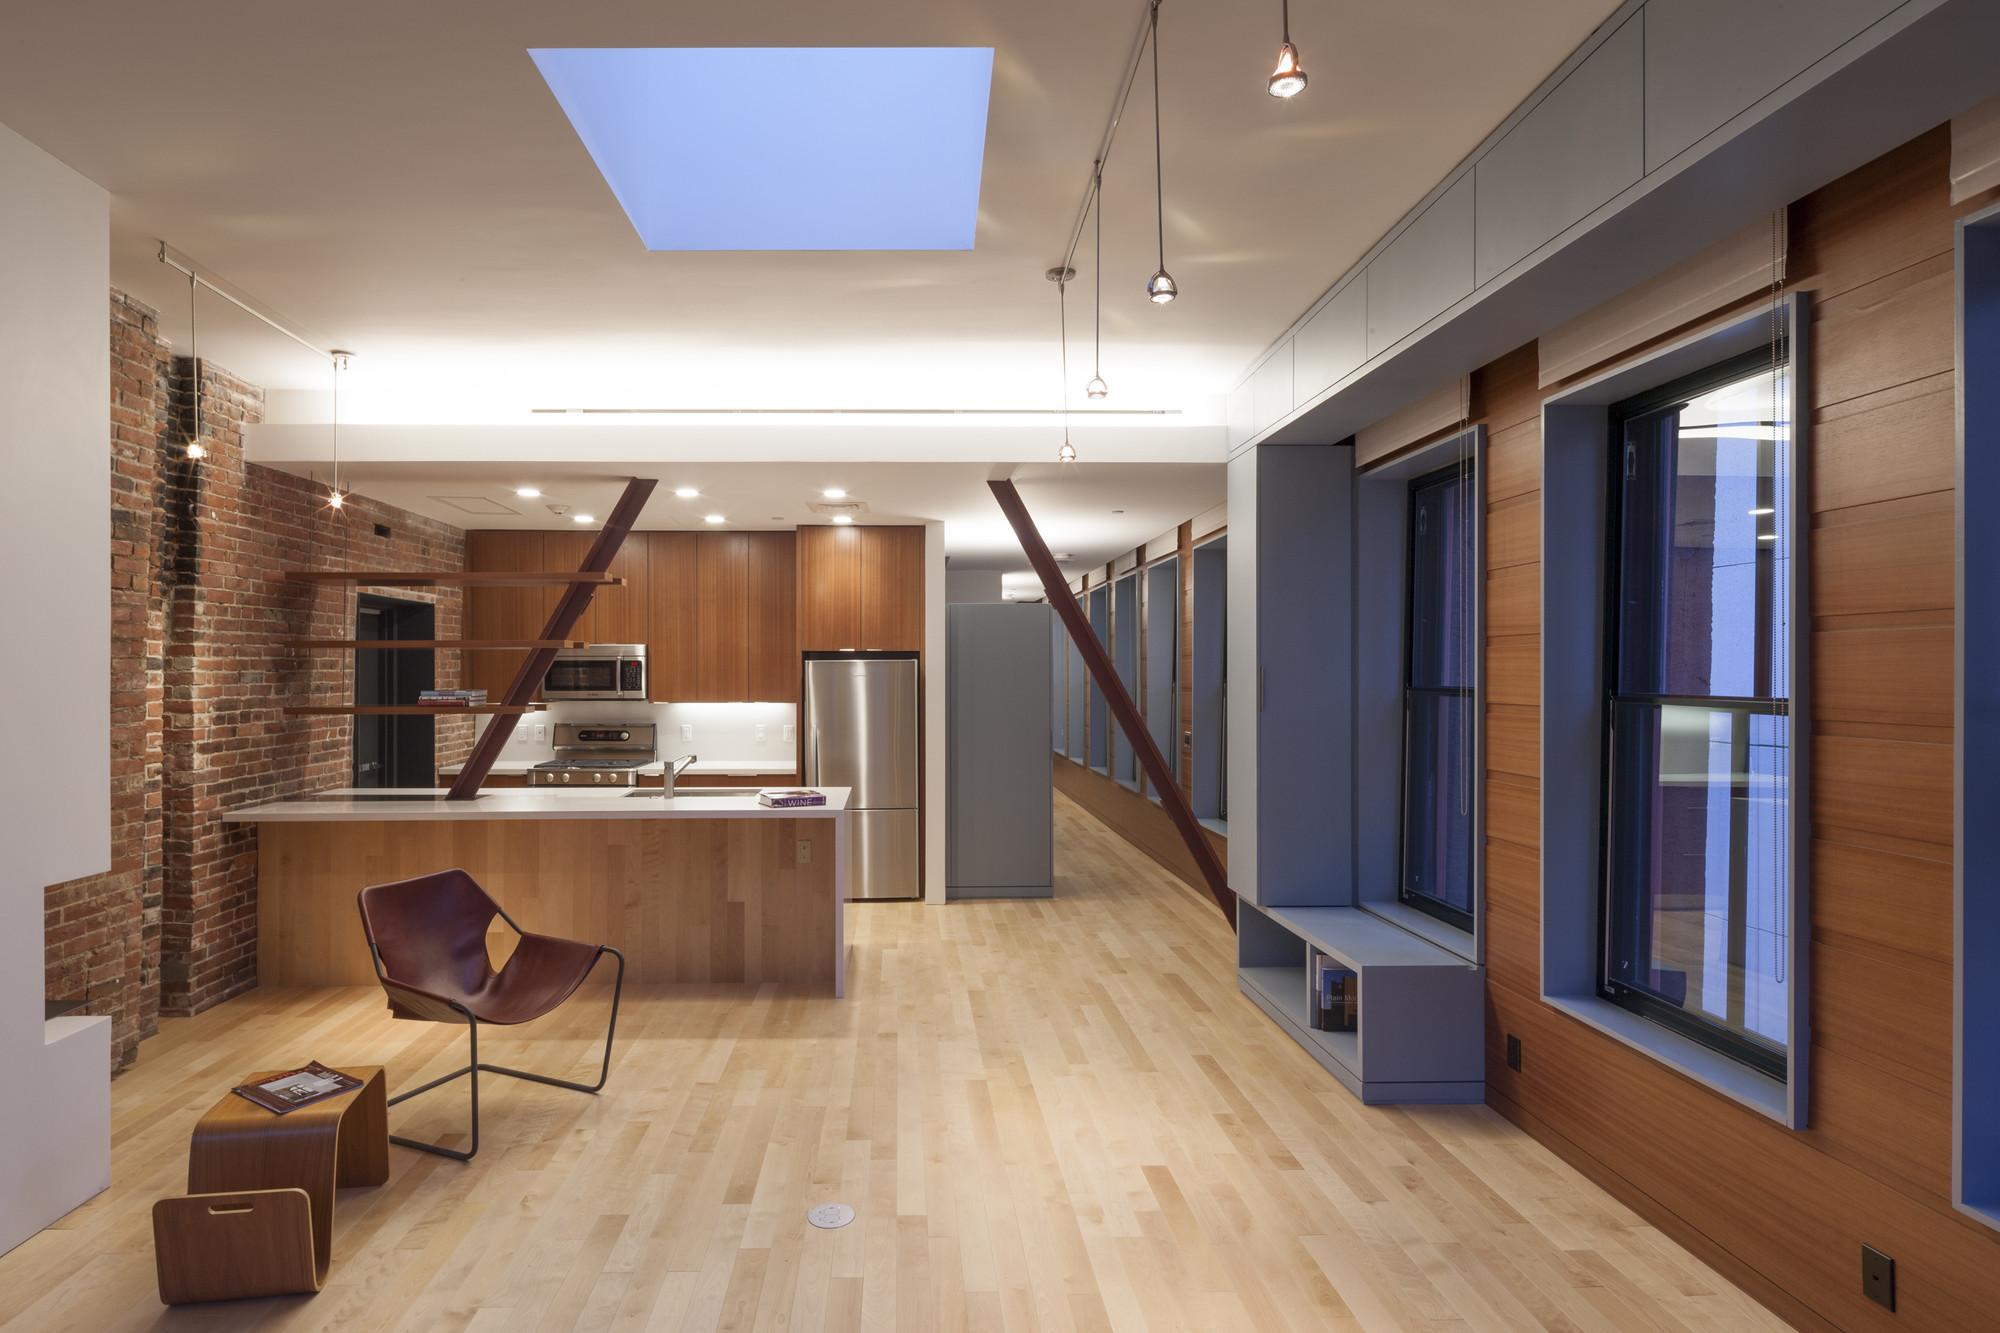 CUBE-design-research-hayden-interior-kitchen-5th-flr